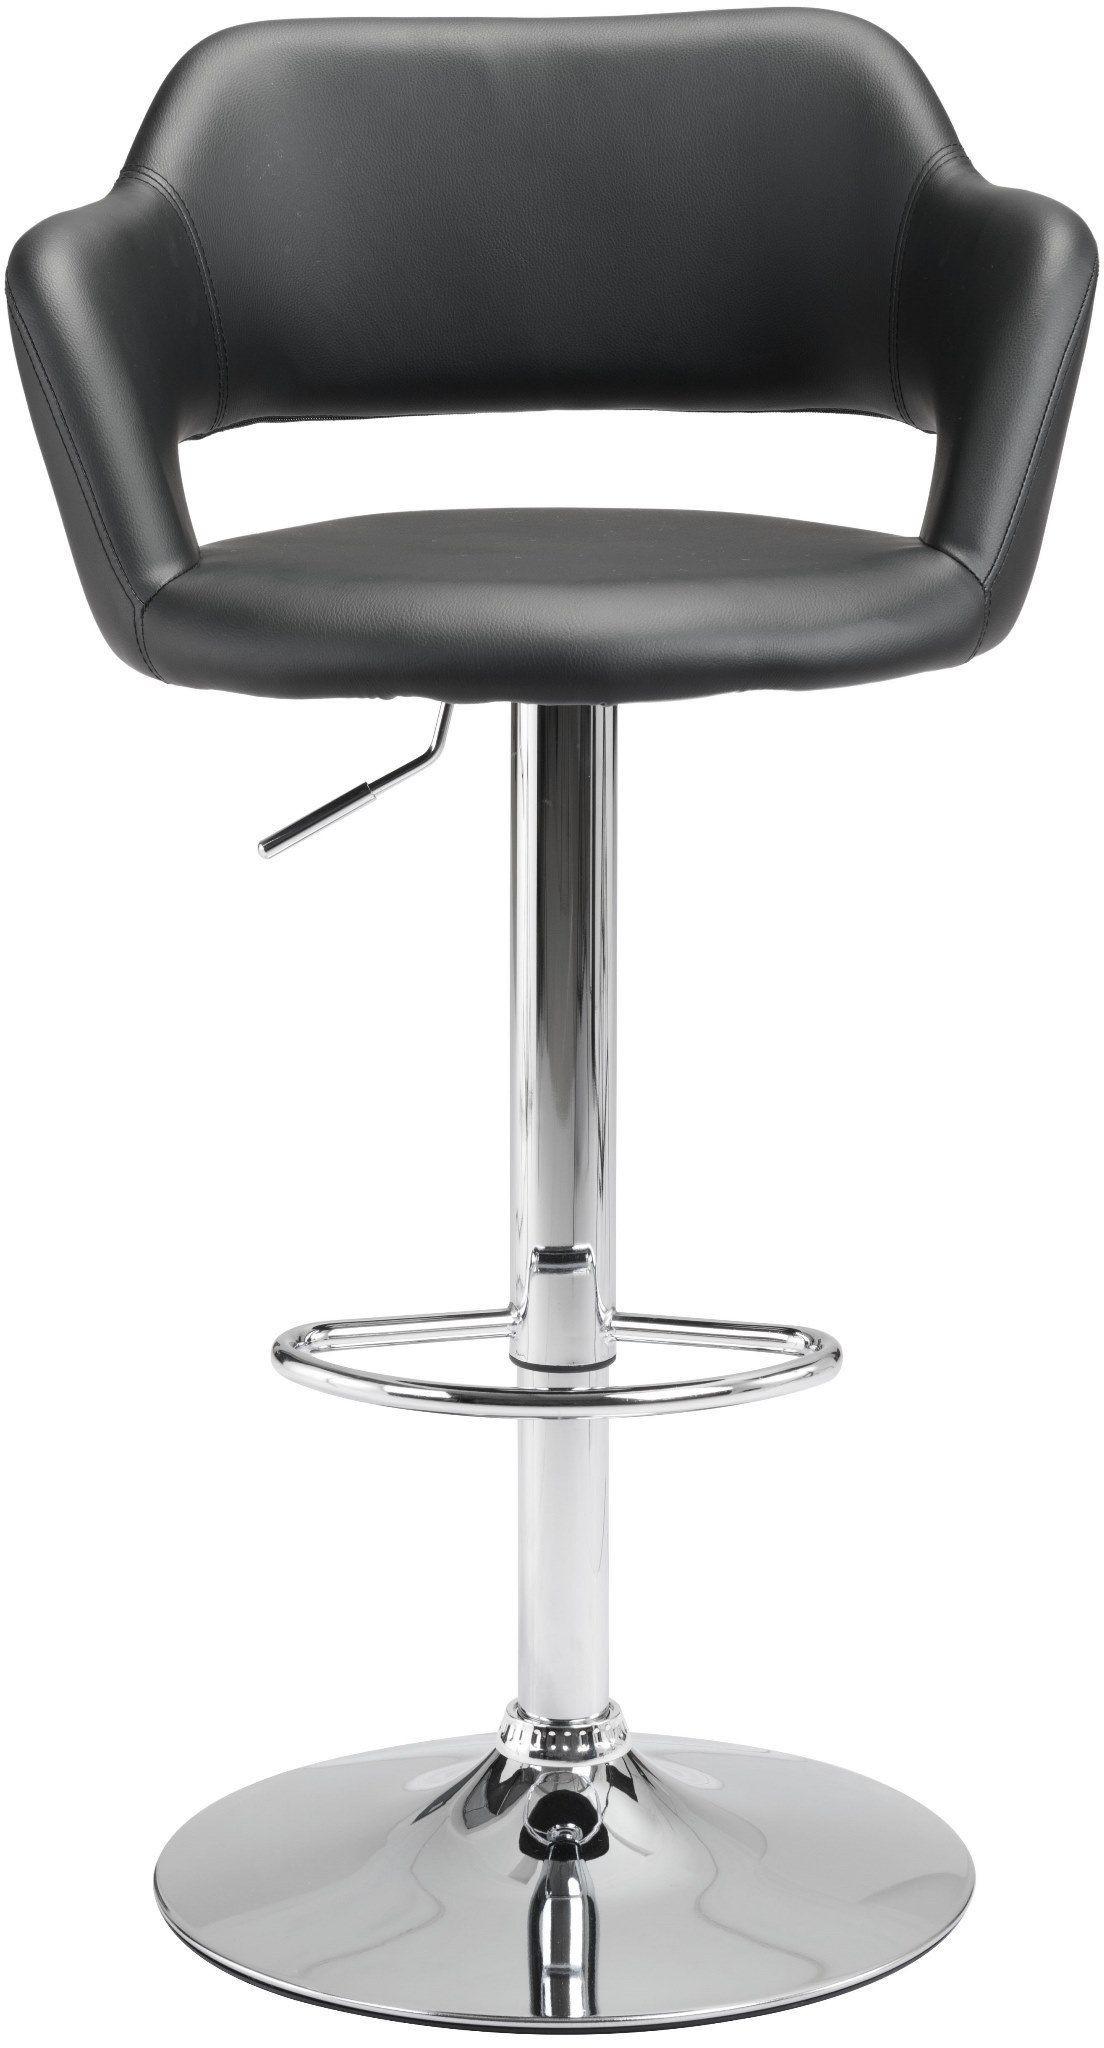 zuo modern hysteria bar chair